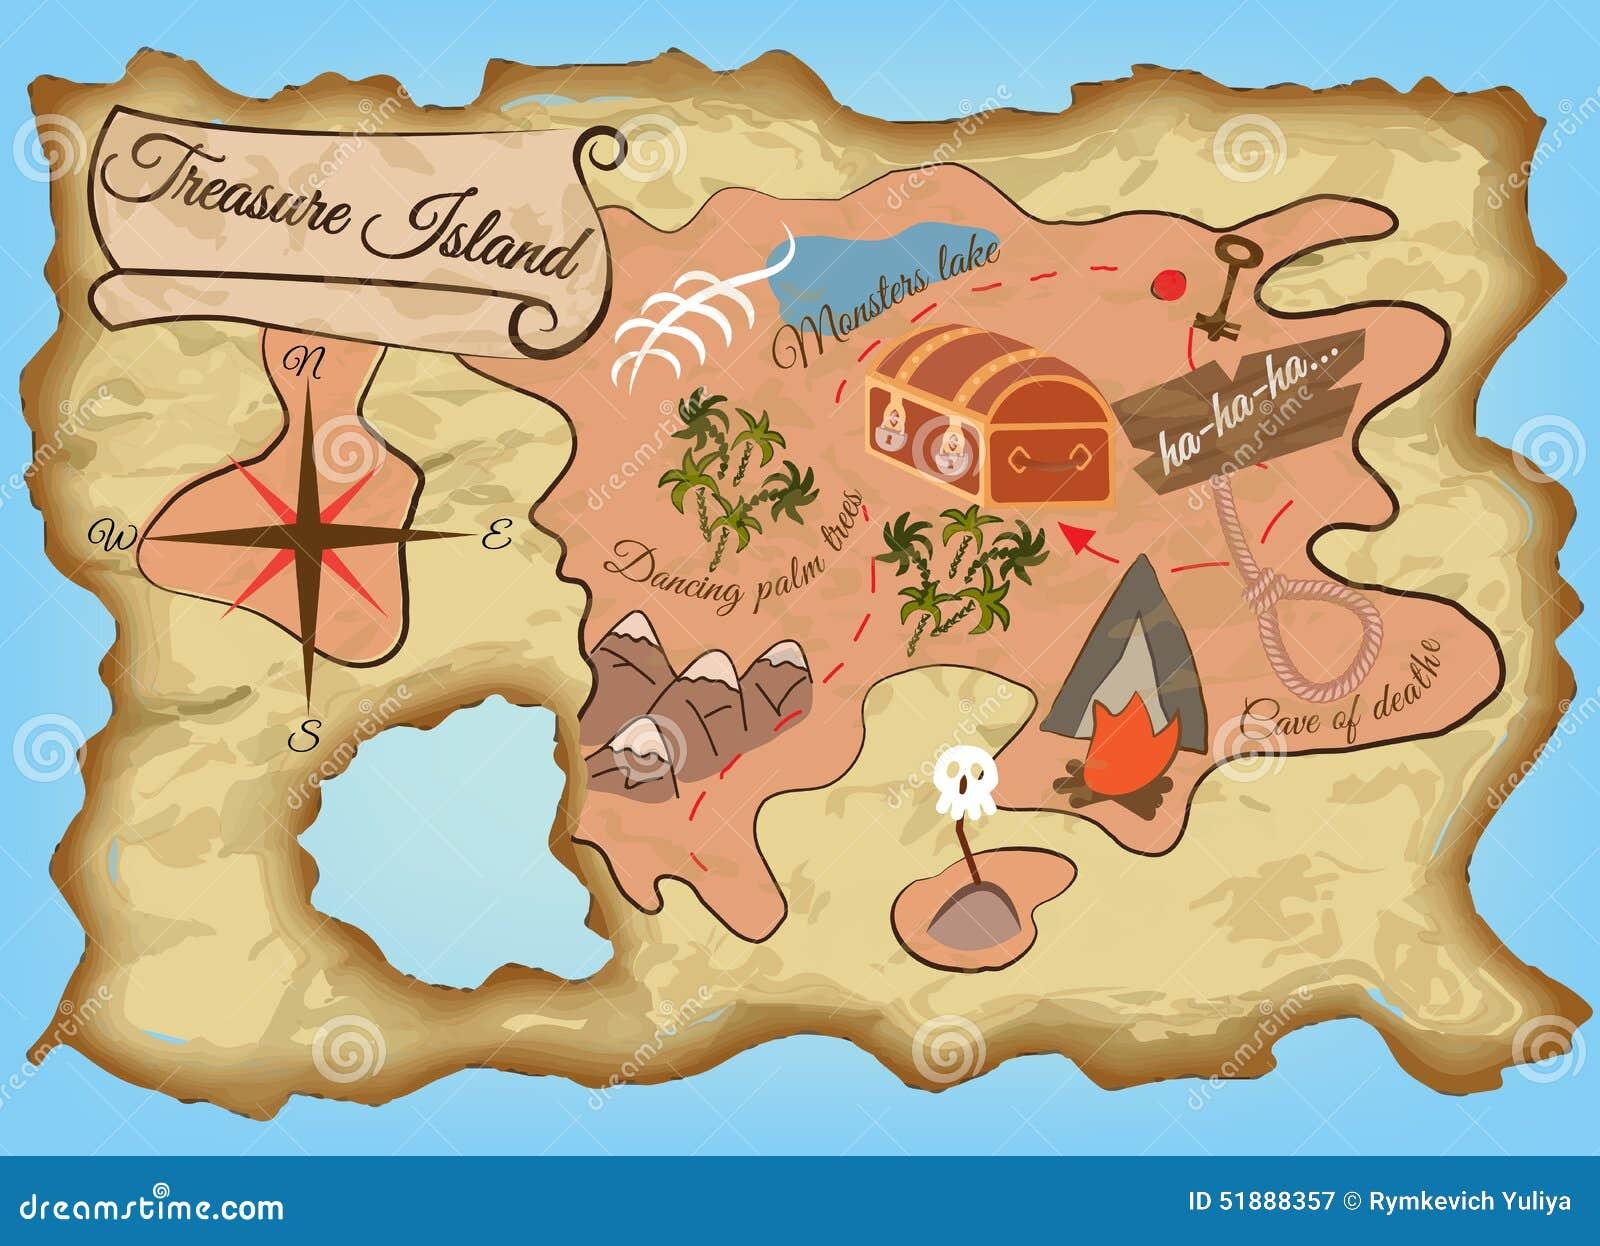 Mapa Isla Del Tesoro.Mapa De La Isla Del Tesoro Ilustracion Del Vector